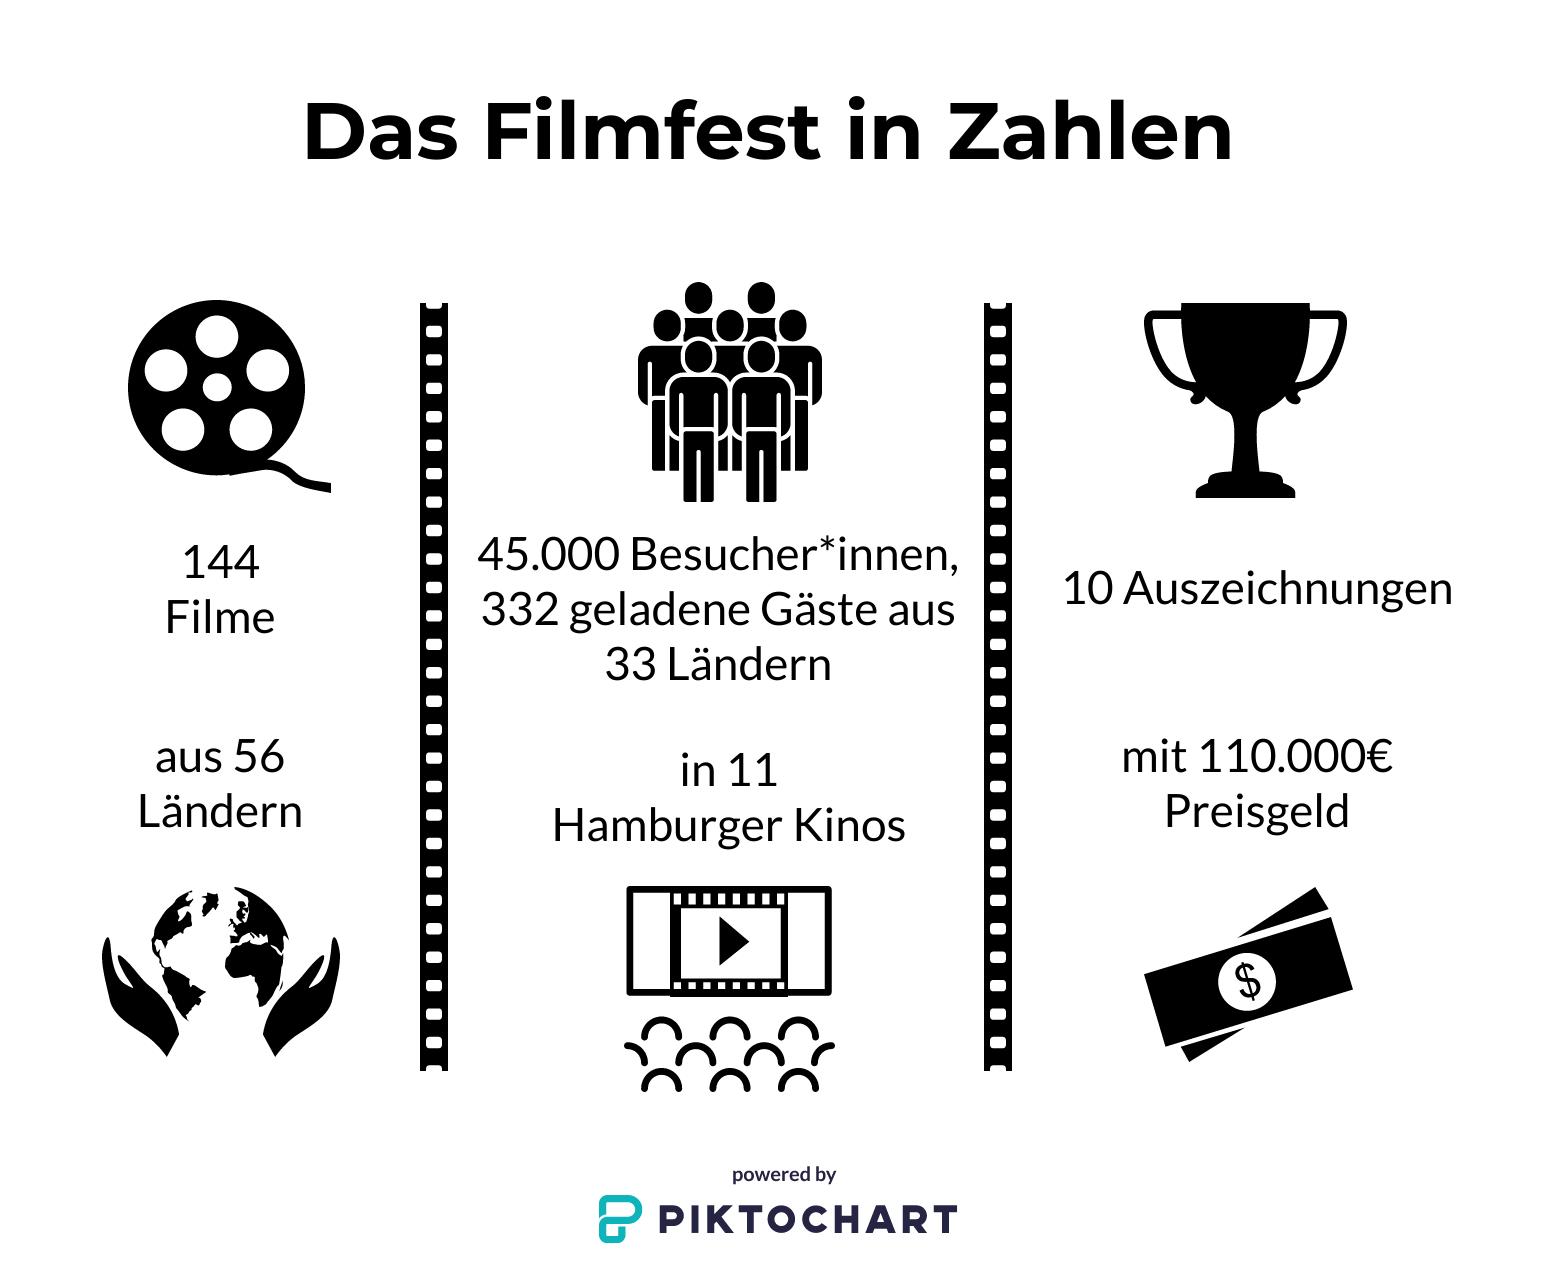 Eine grafische Darstellung der Anzahl der Filme, Besucher und Preisgelder vom Filmfest 2019